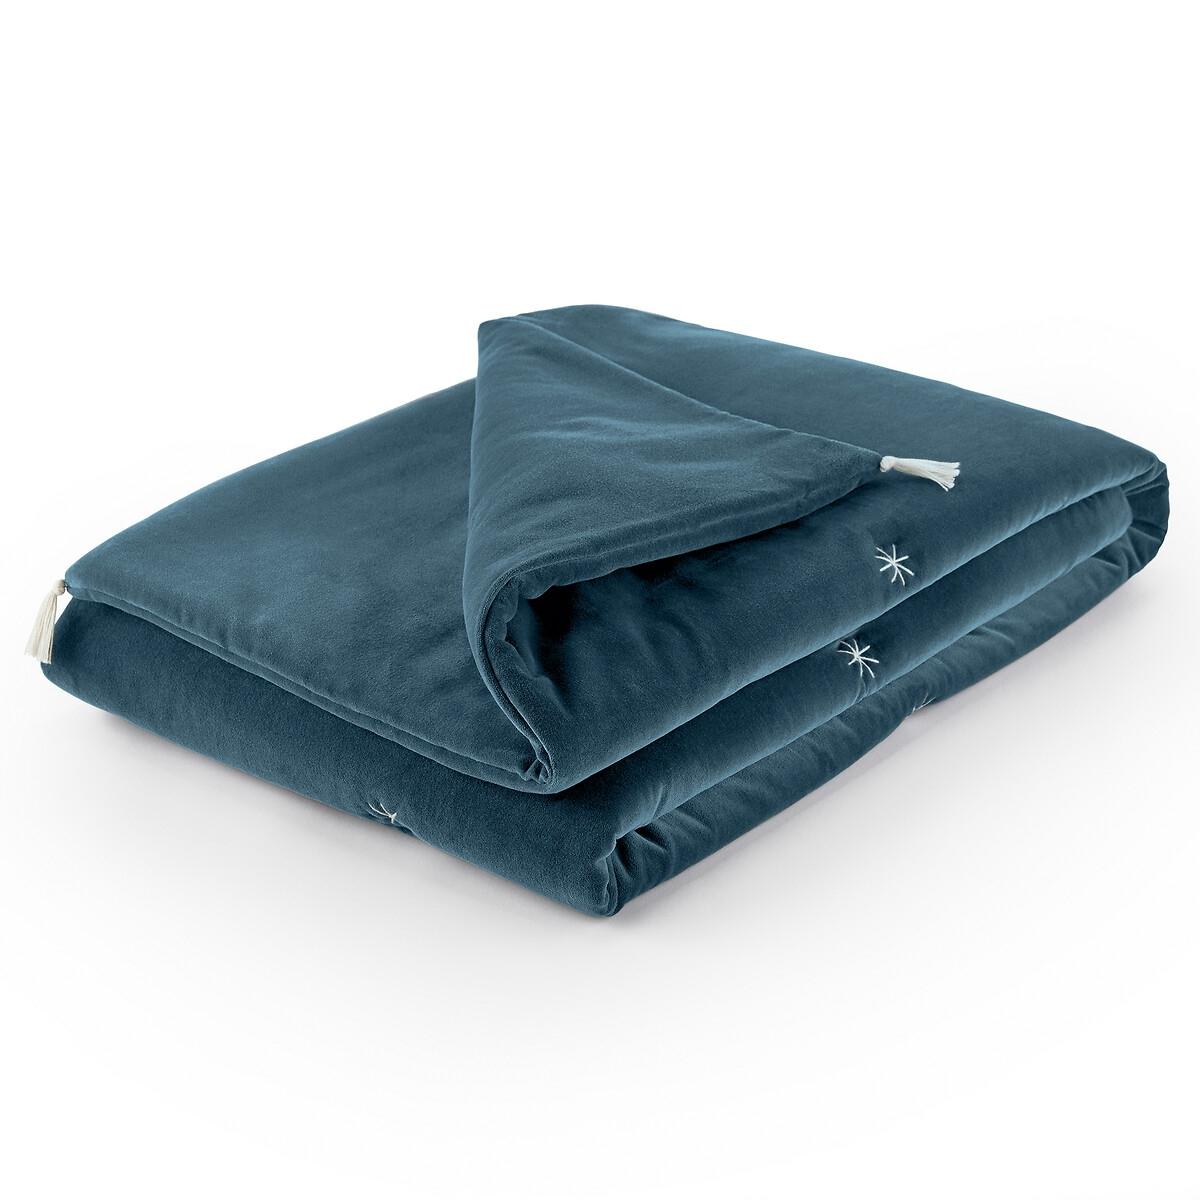 Перина La Redoute Для дивана из велюра Raipur 85 x 185 см синий халат la redoute из переработанного велюра xxl синий